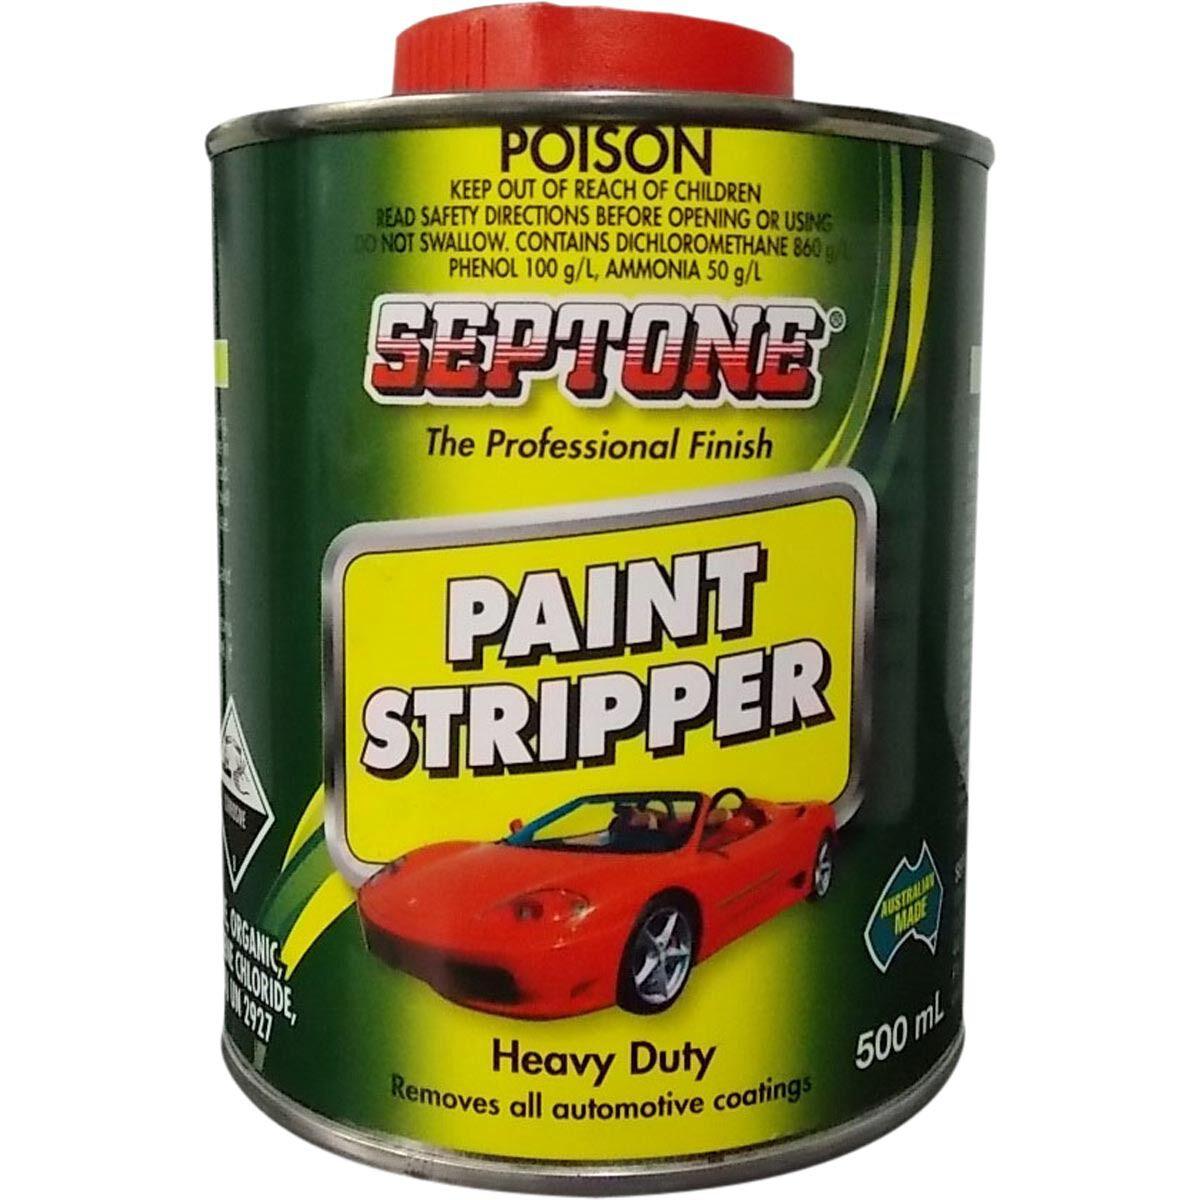 Automotive paint stripper